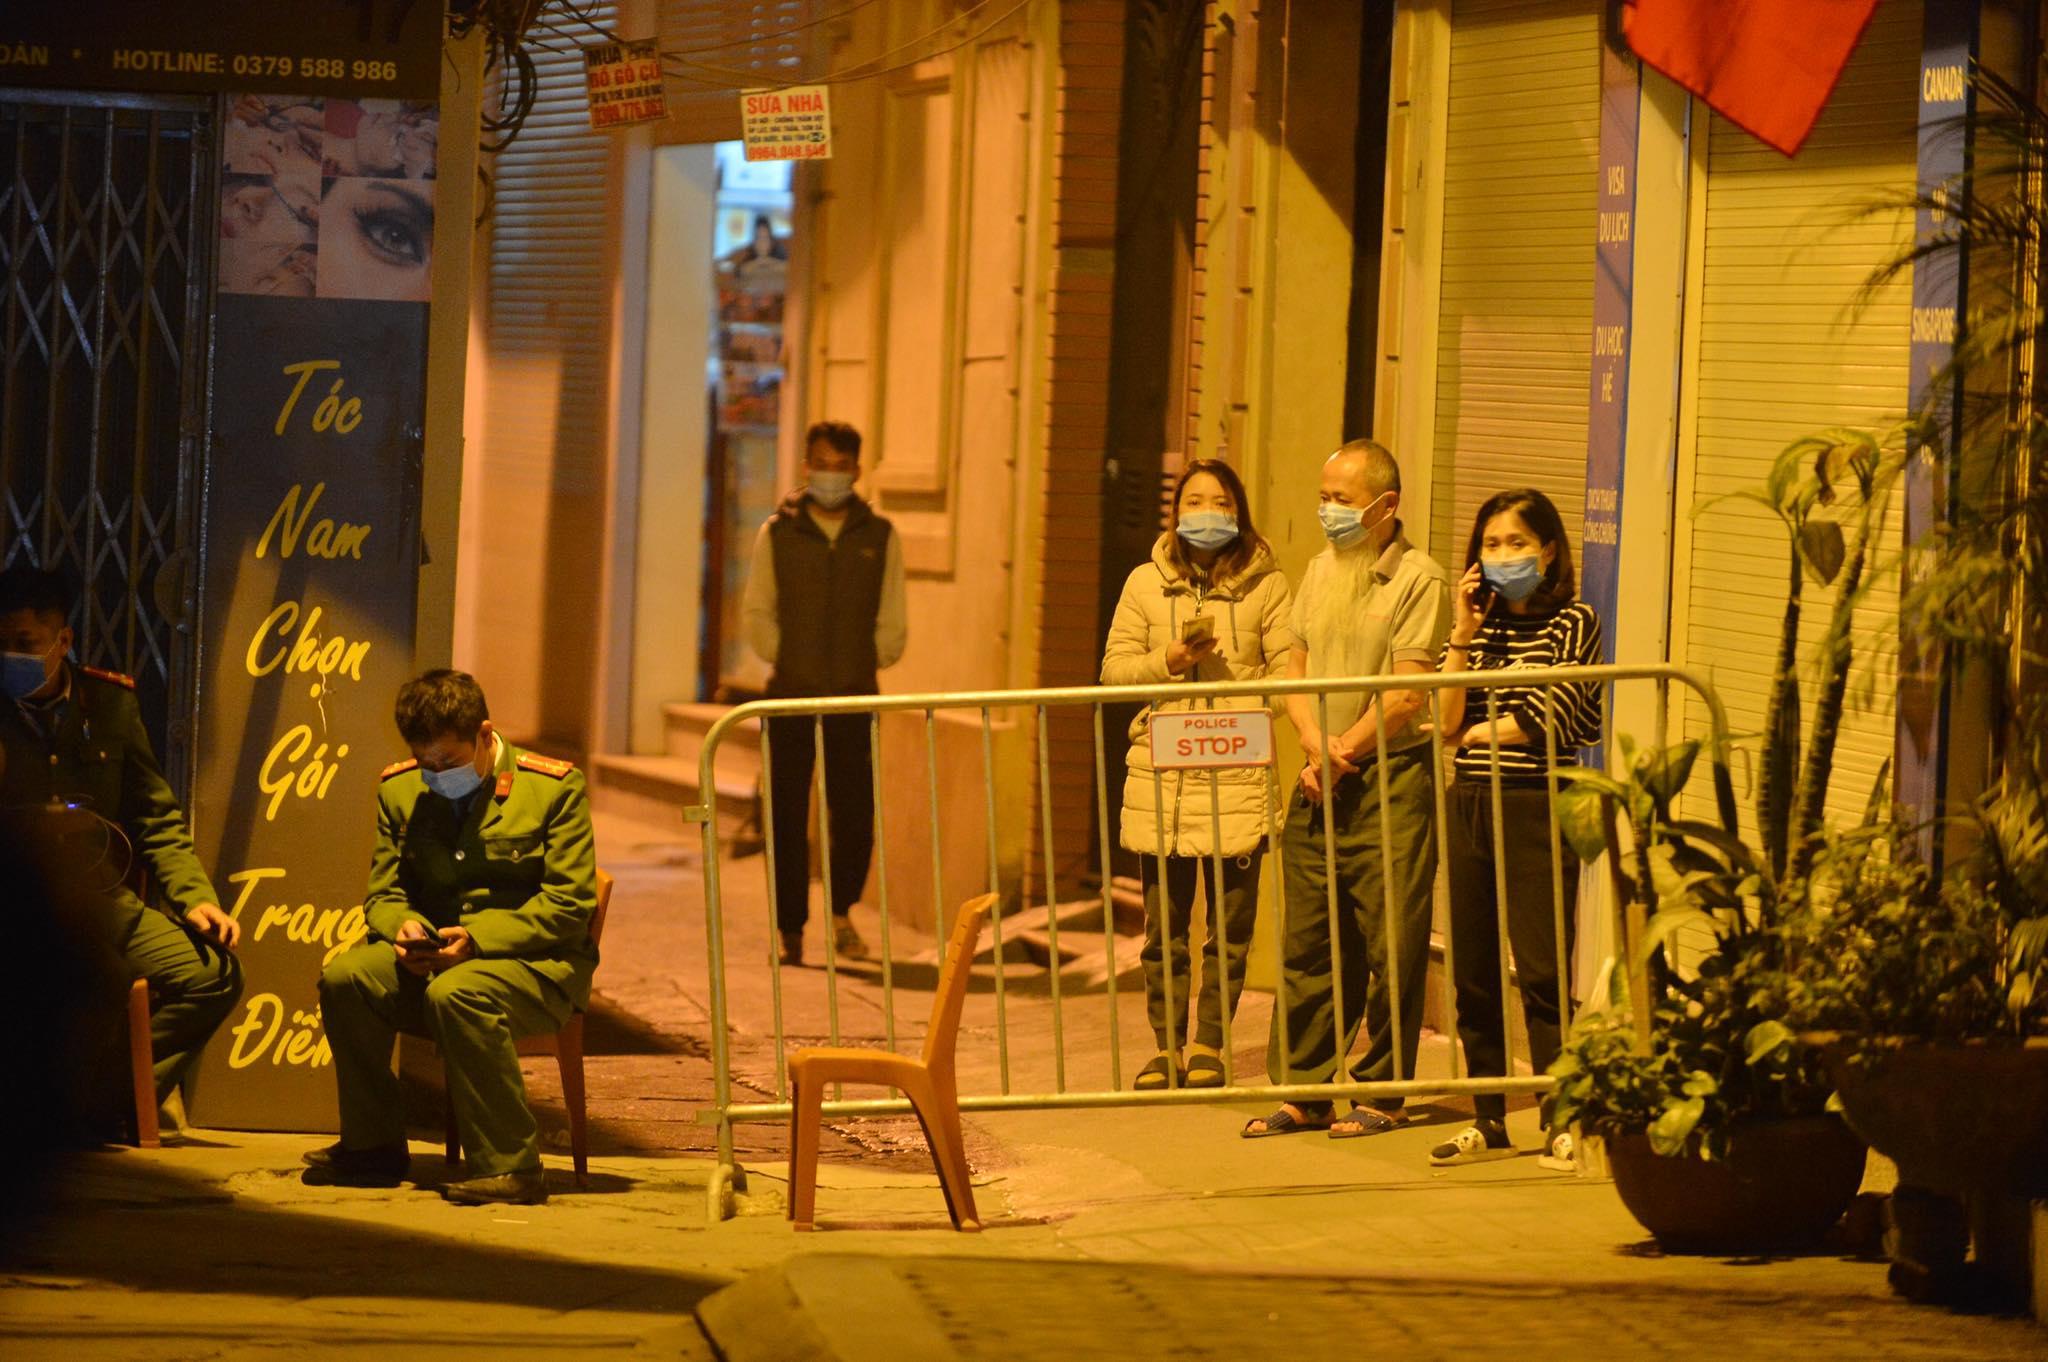 Ca bệnh 1581 ở Hà Nội:Từng đi Trung tâm thương mại, đưa cháu đi học - 1